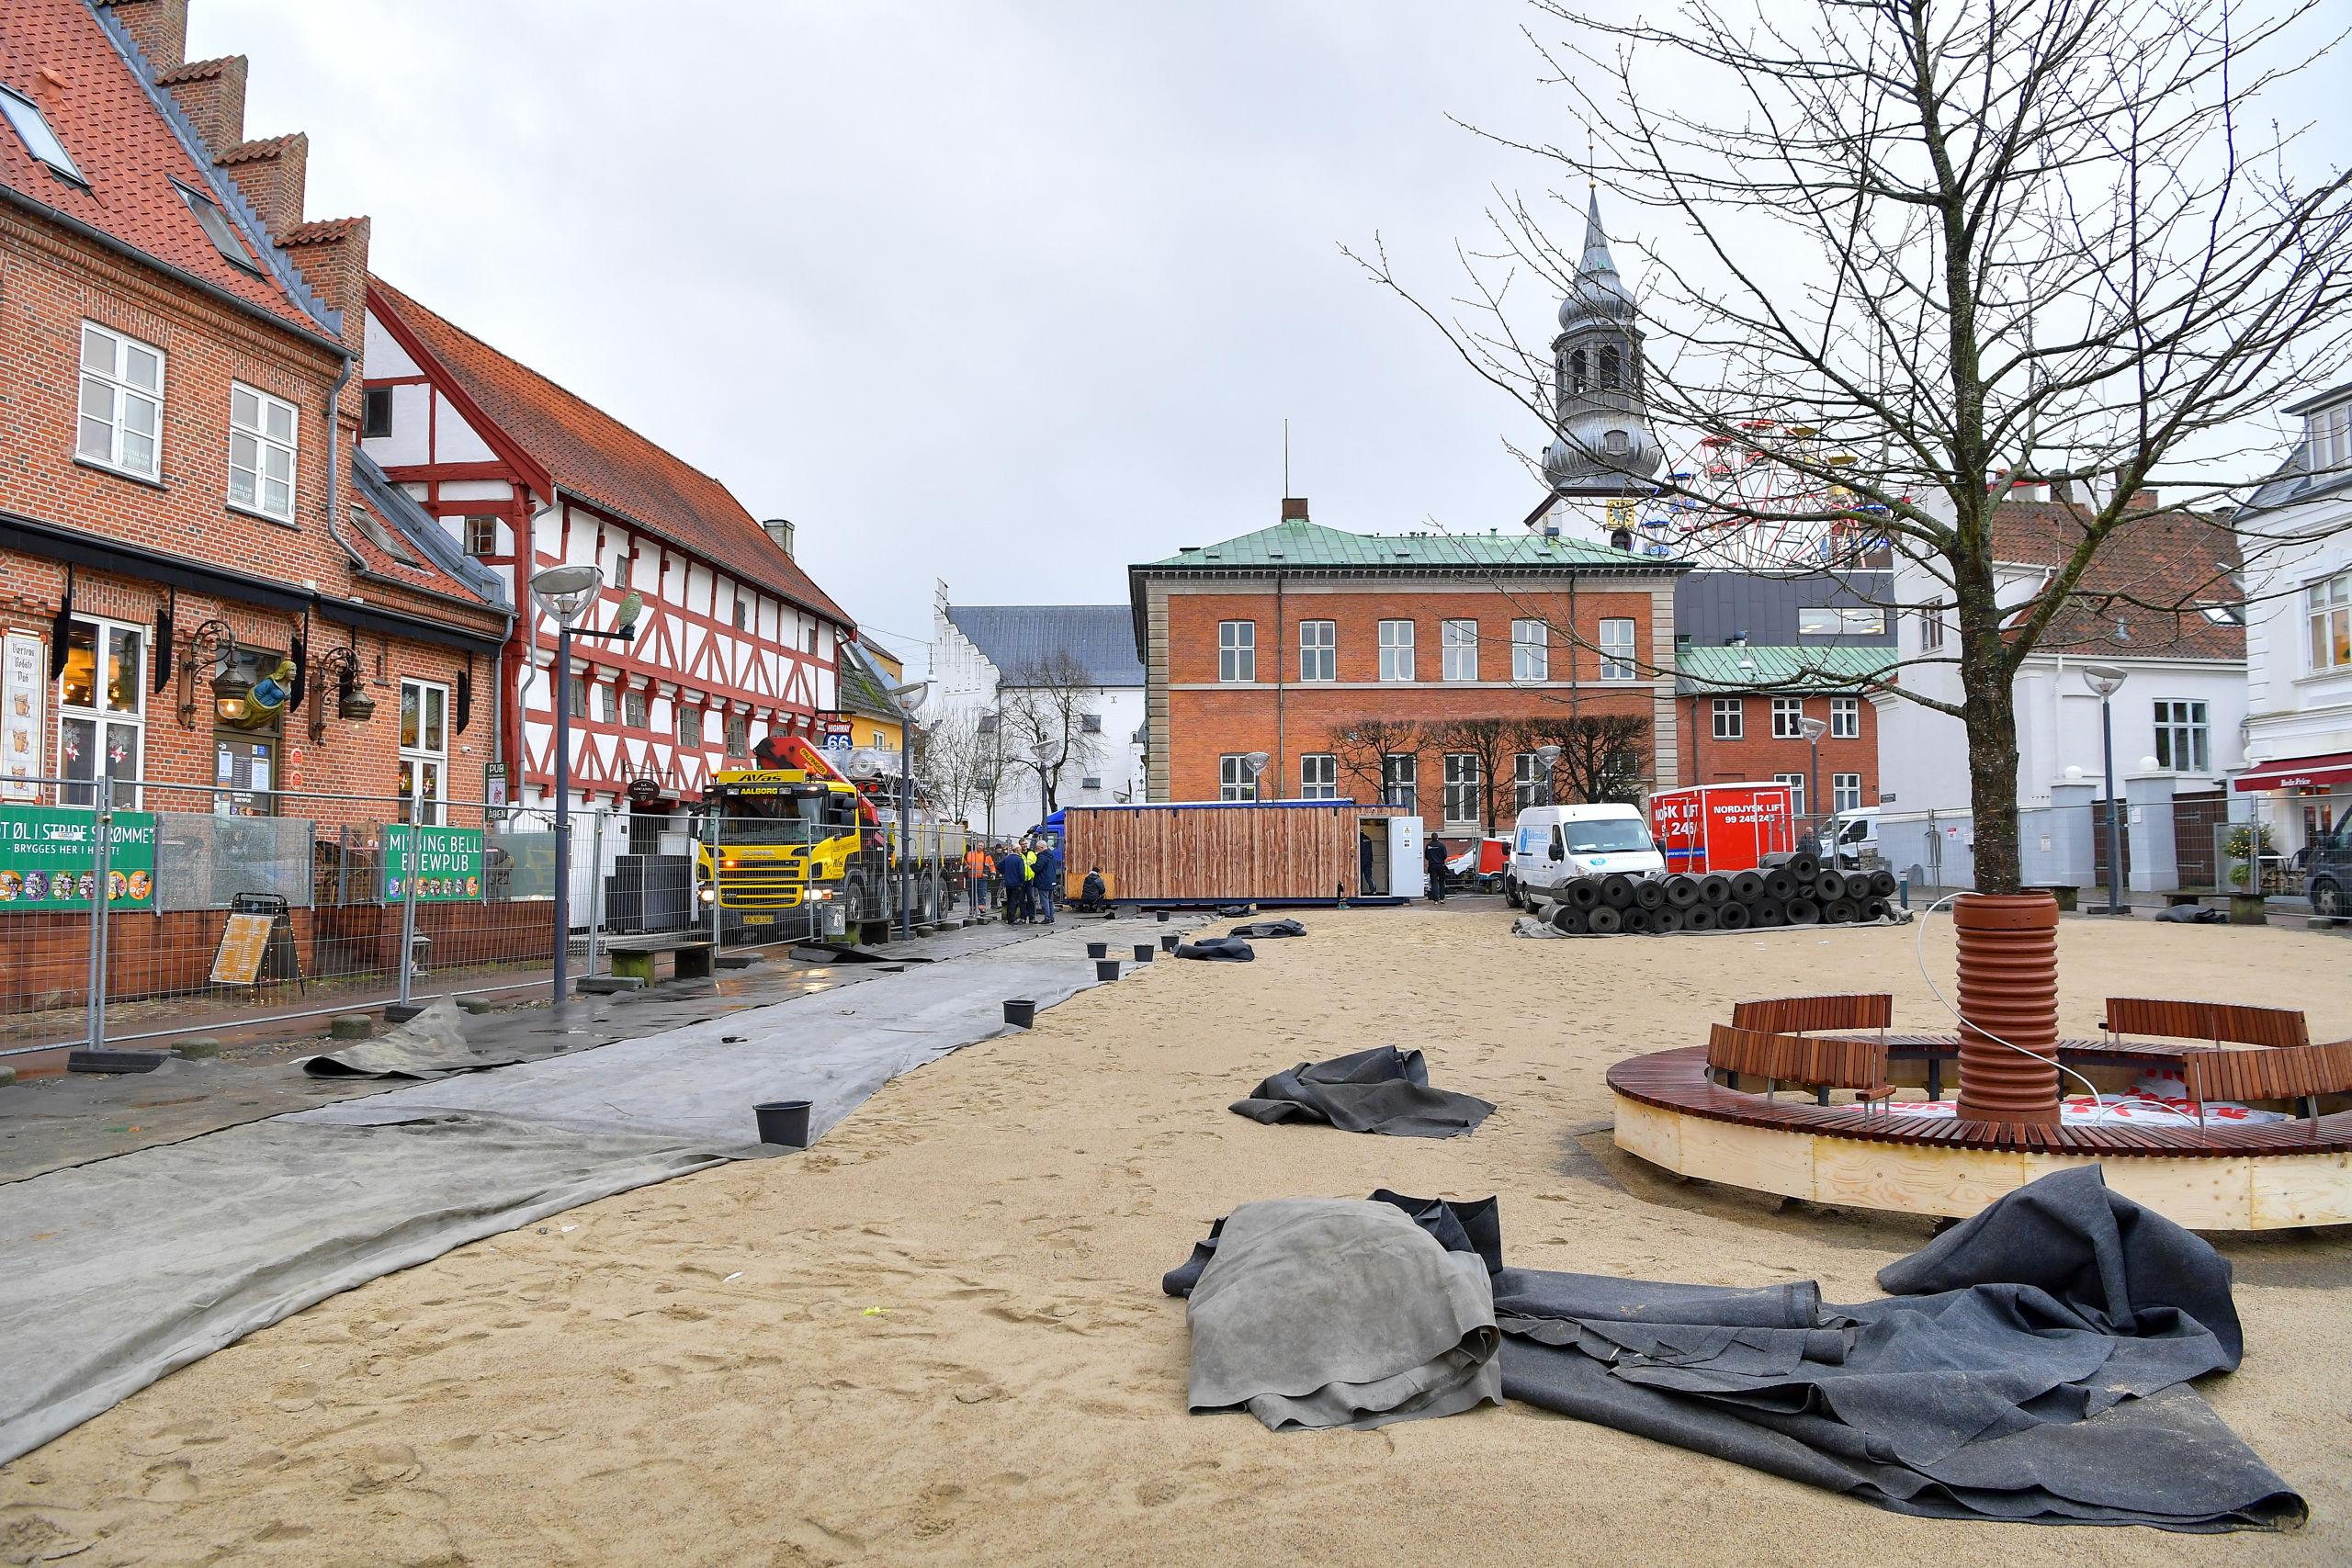 Det kan måske være svært at se det for sig, når man kigger på dette foto, men den lidt uoverskuelige byggeplads bliver om føje tid forvandlet til Danmarks - måske - flotteste skøjtebane, og den ligger såmænd på C. W. Obels Plads i Aalborg. Foto: Jesper Thomasen